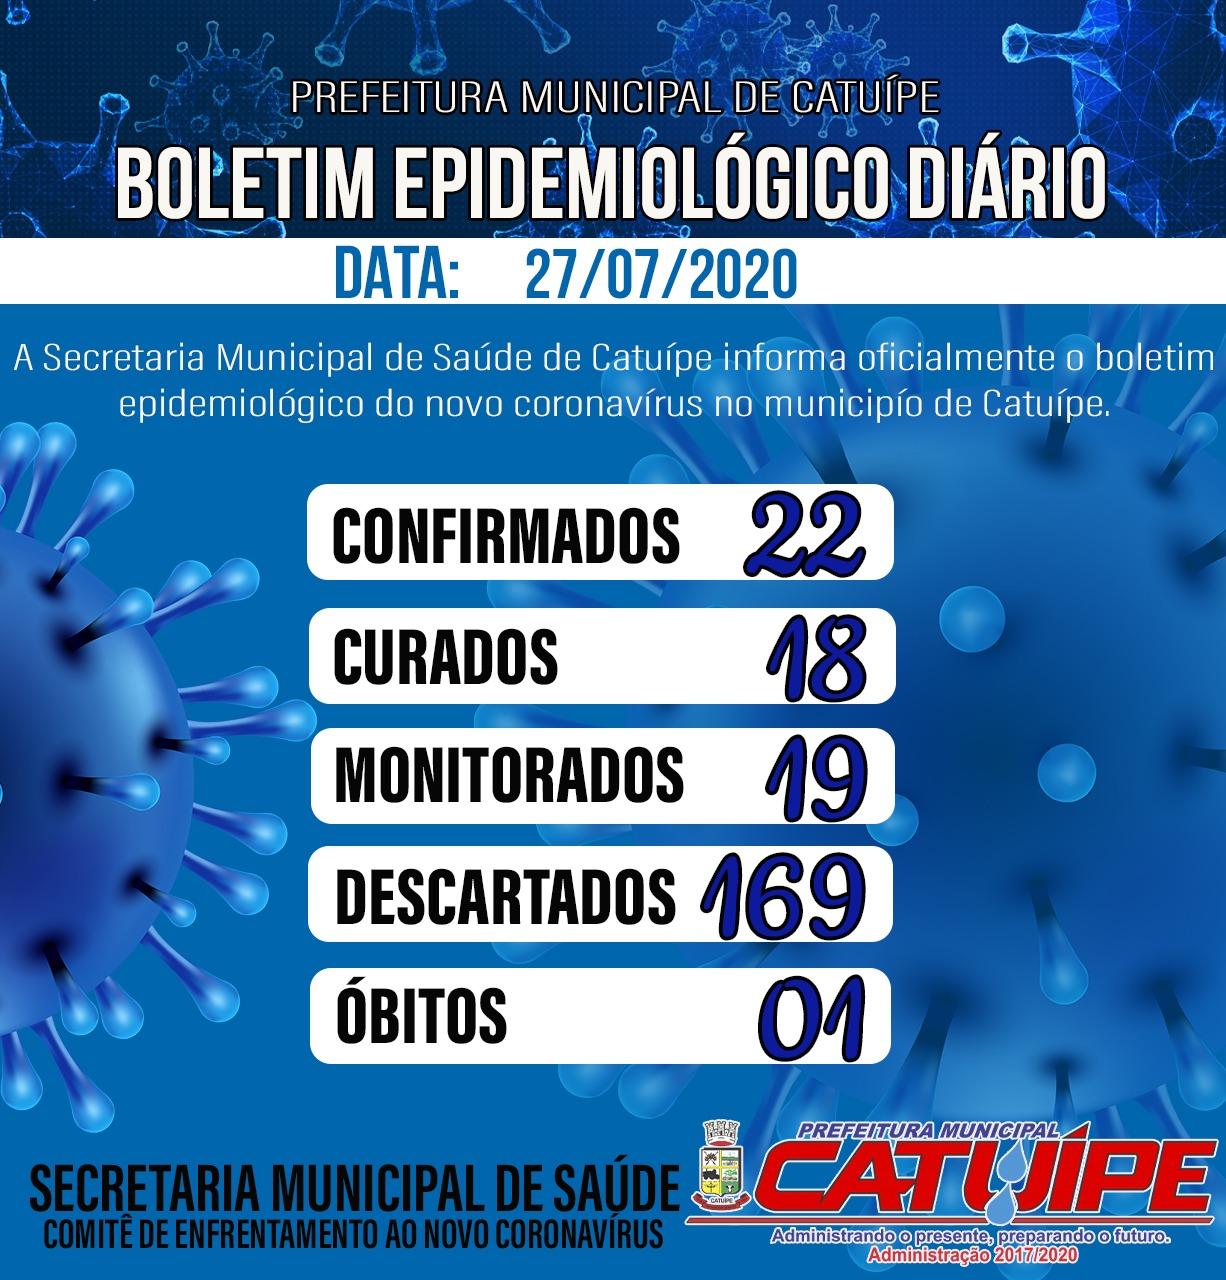 BOLETIM EPIDEMIOLÓGICO ATUALIZADO DO DIA 27 DE JULHO DE 2020